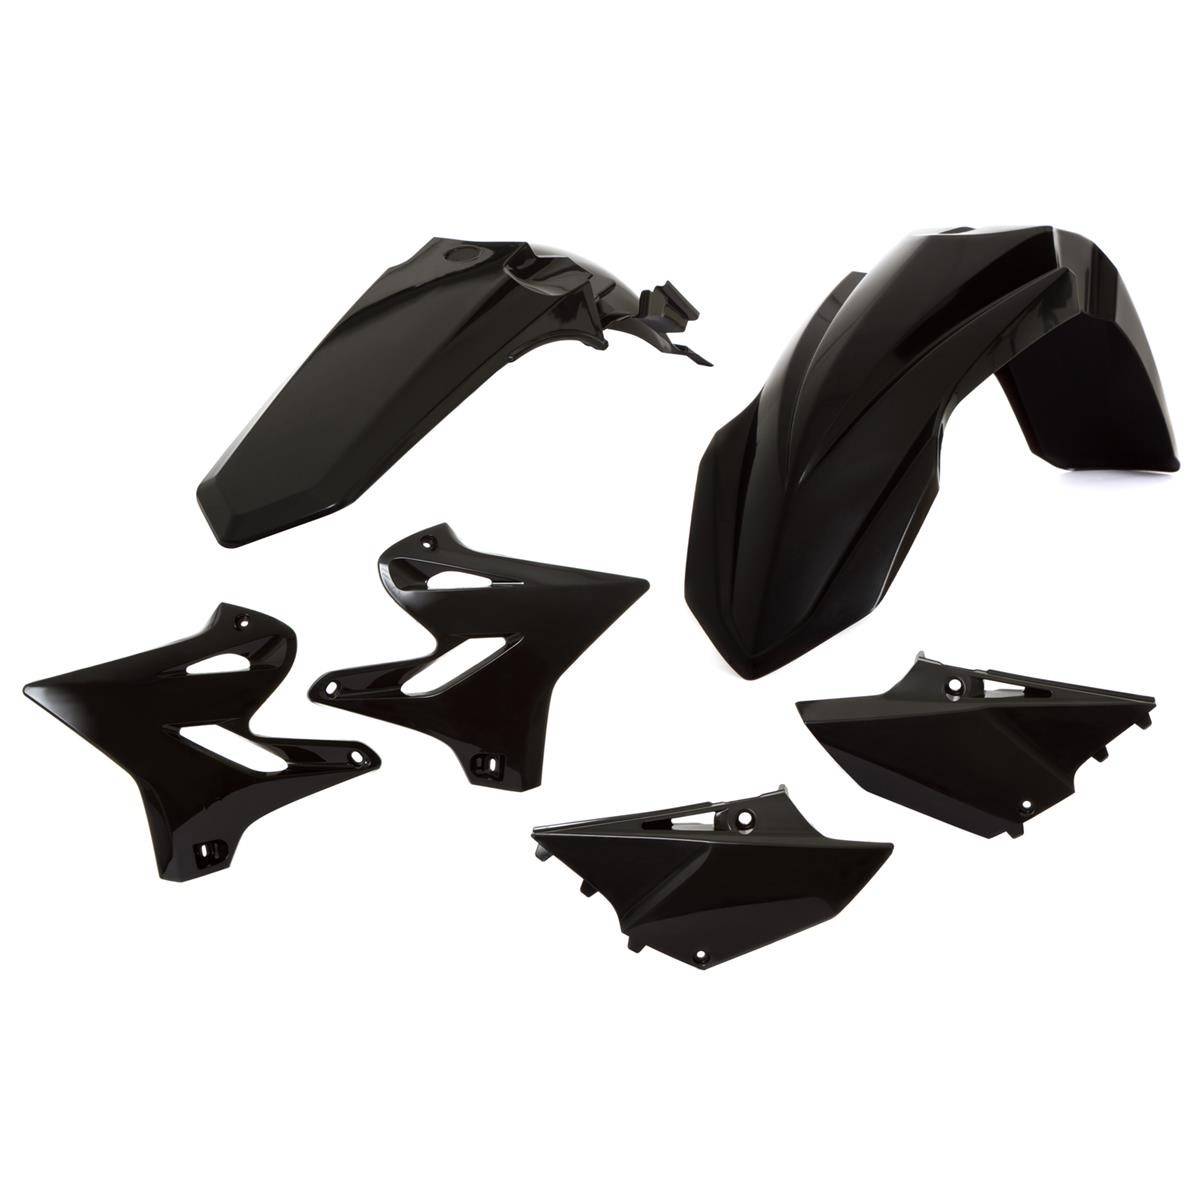 acerbis plastik kit yamaha yz wr 125 250 15 17 schwarz. Black Bedroom Furniture Sets. Home Design Ideas